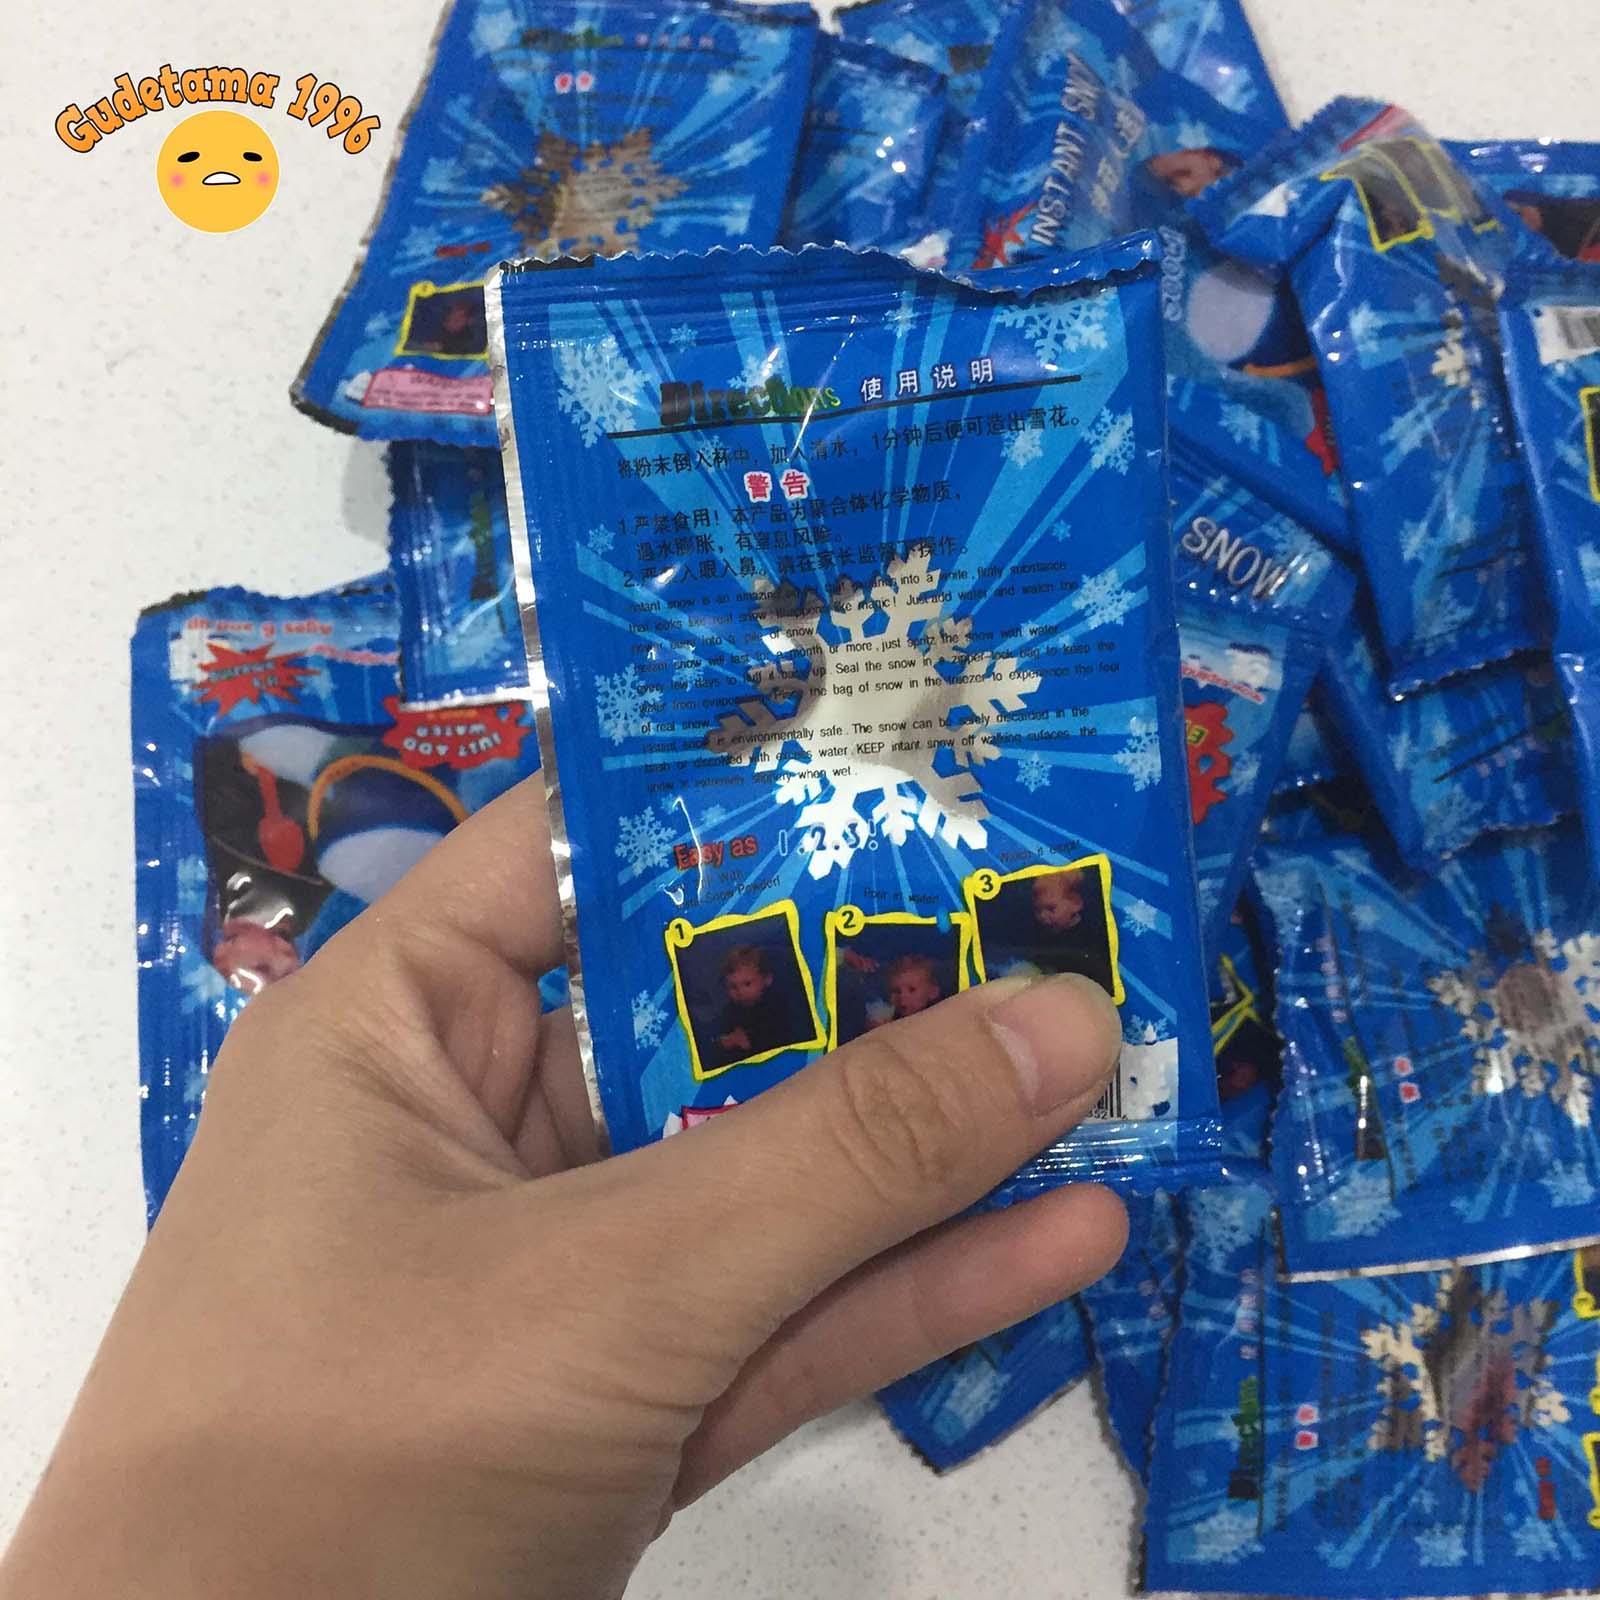 Hình ảnh Combo 50 gói tuyết nhân tạo làm slime mây + giá cực rẻ - Tuyết nhân tạo gói xanh bông tuyết bạc